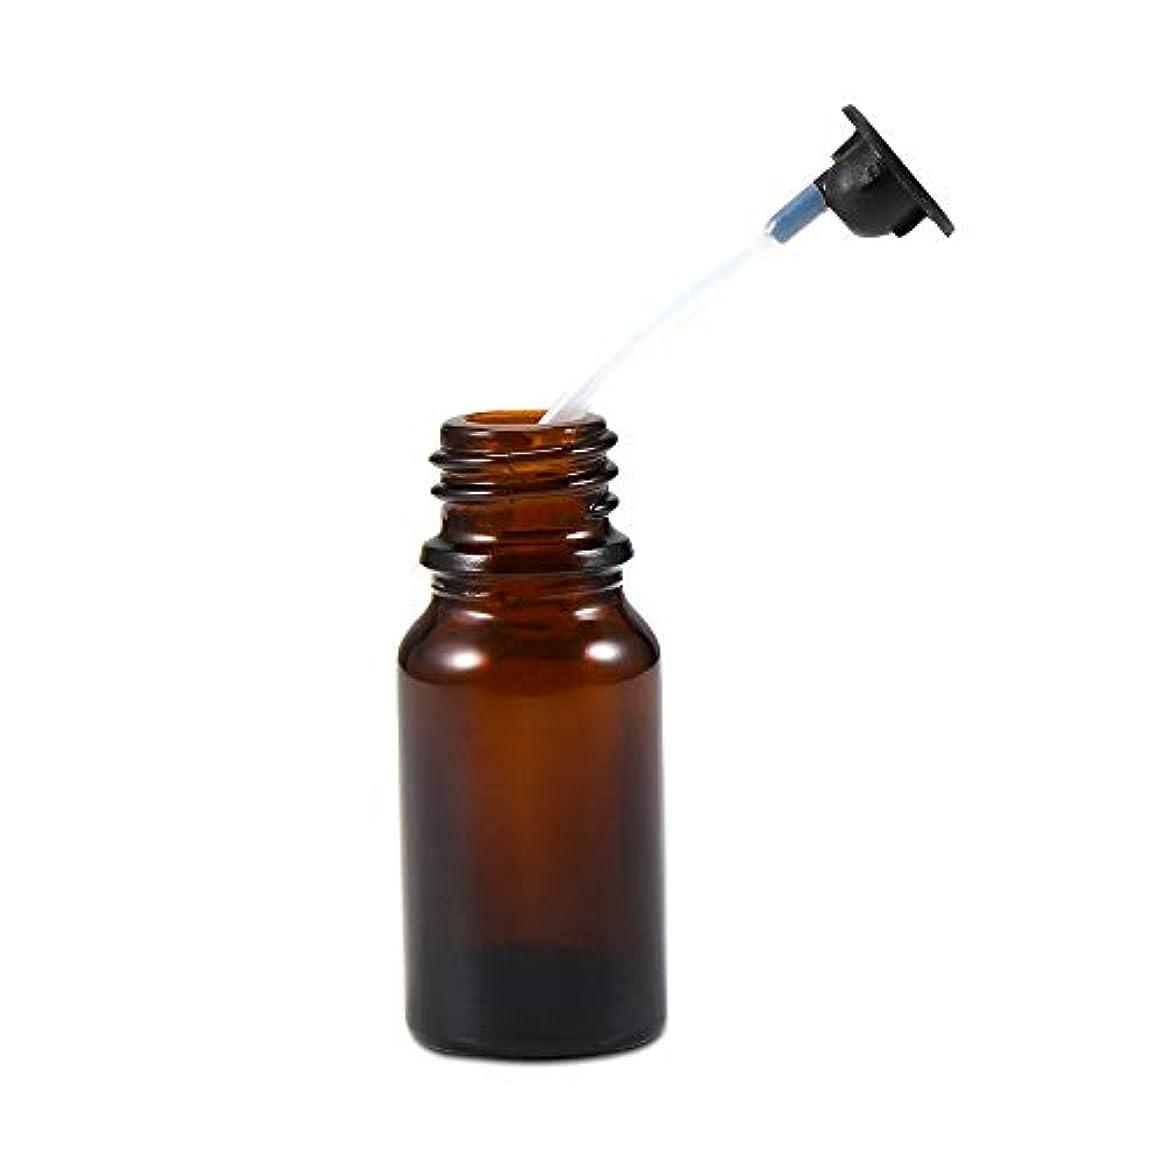 モルヒネ含む地雷原Caseceo エッセンシャルオイル ボトルとノズル 交換用 アクセサリー 数量1